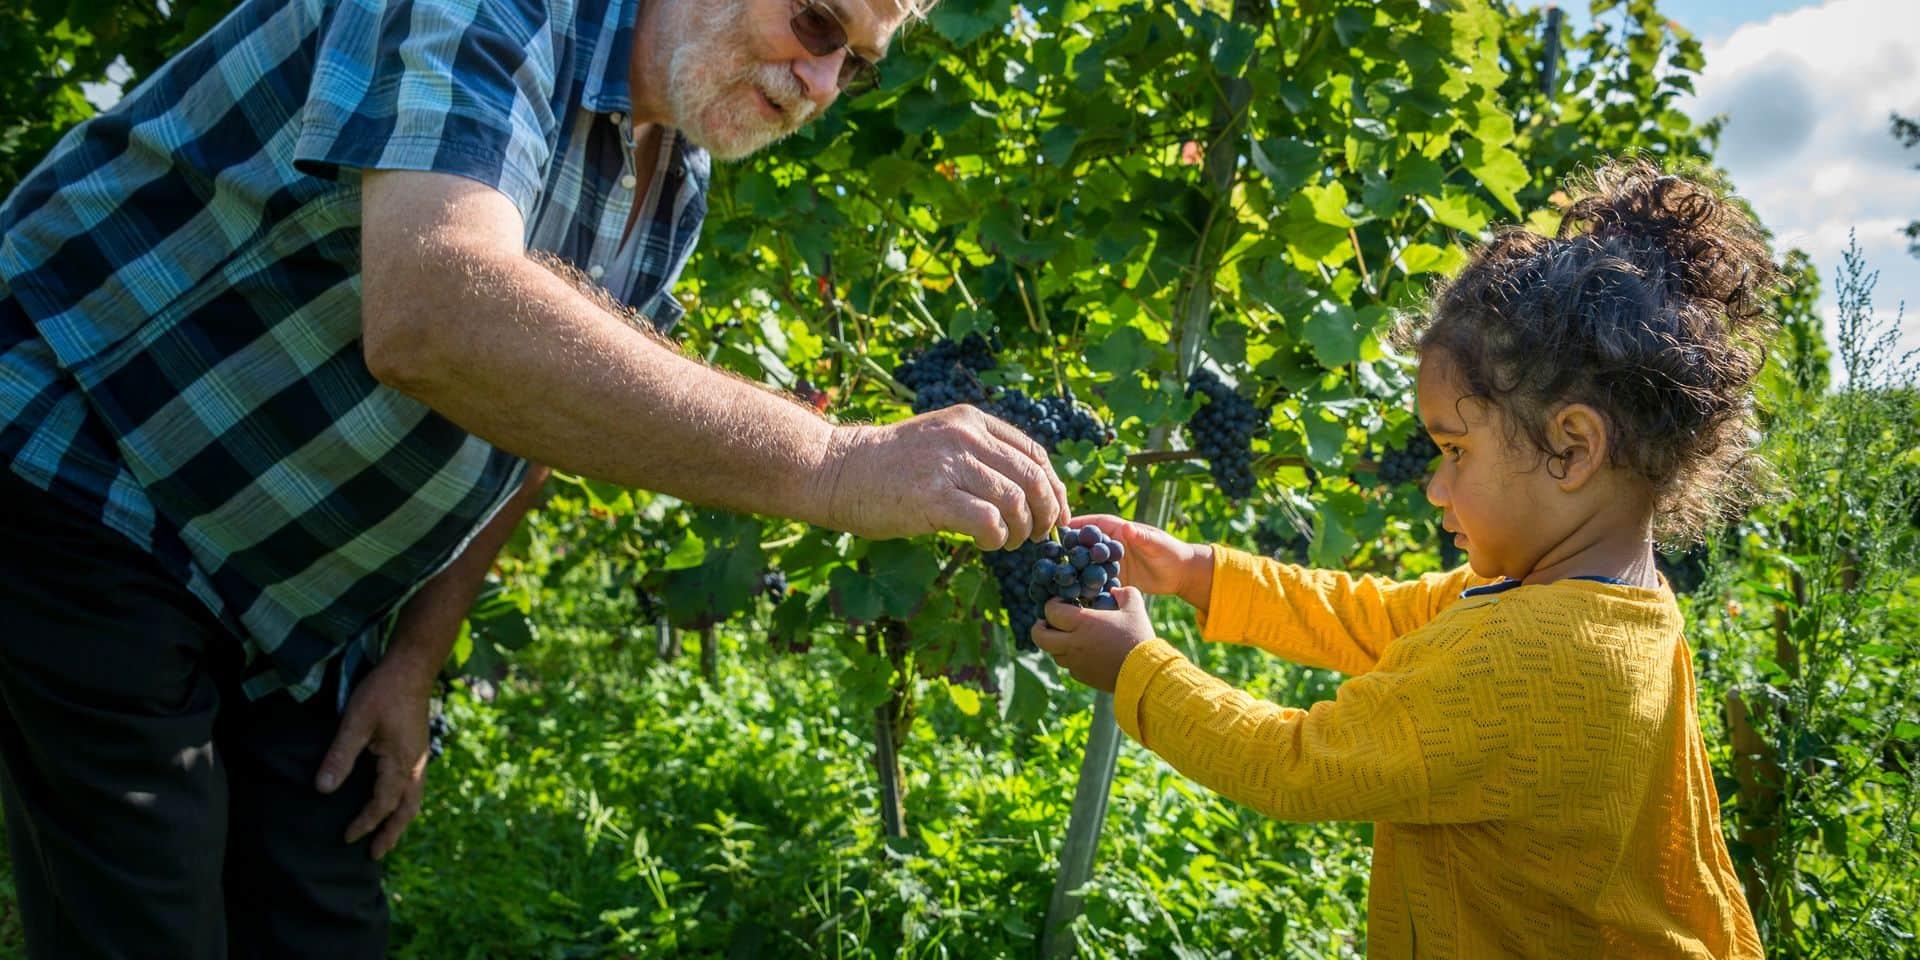 Vous aimez le vin et avez la main verte: gagnez des ceps de vigne et devenez vigneron